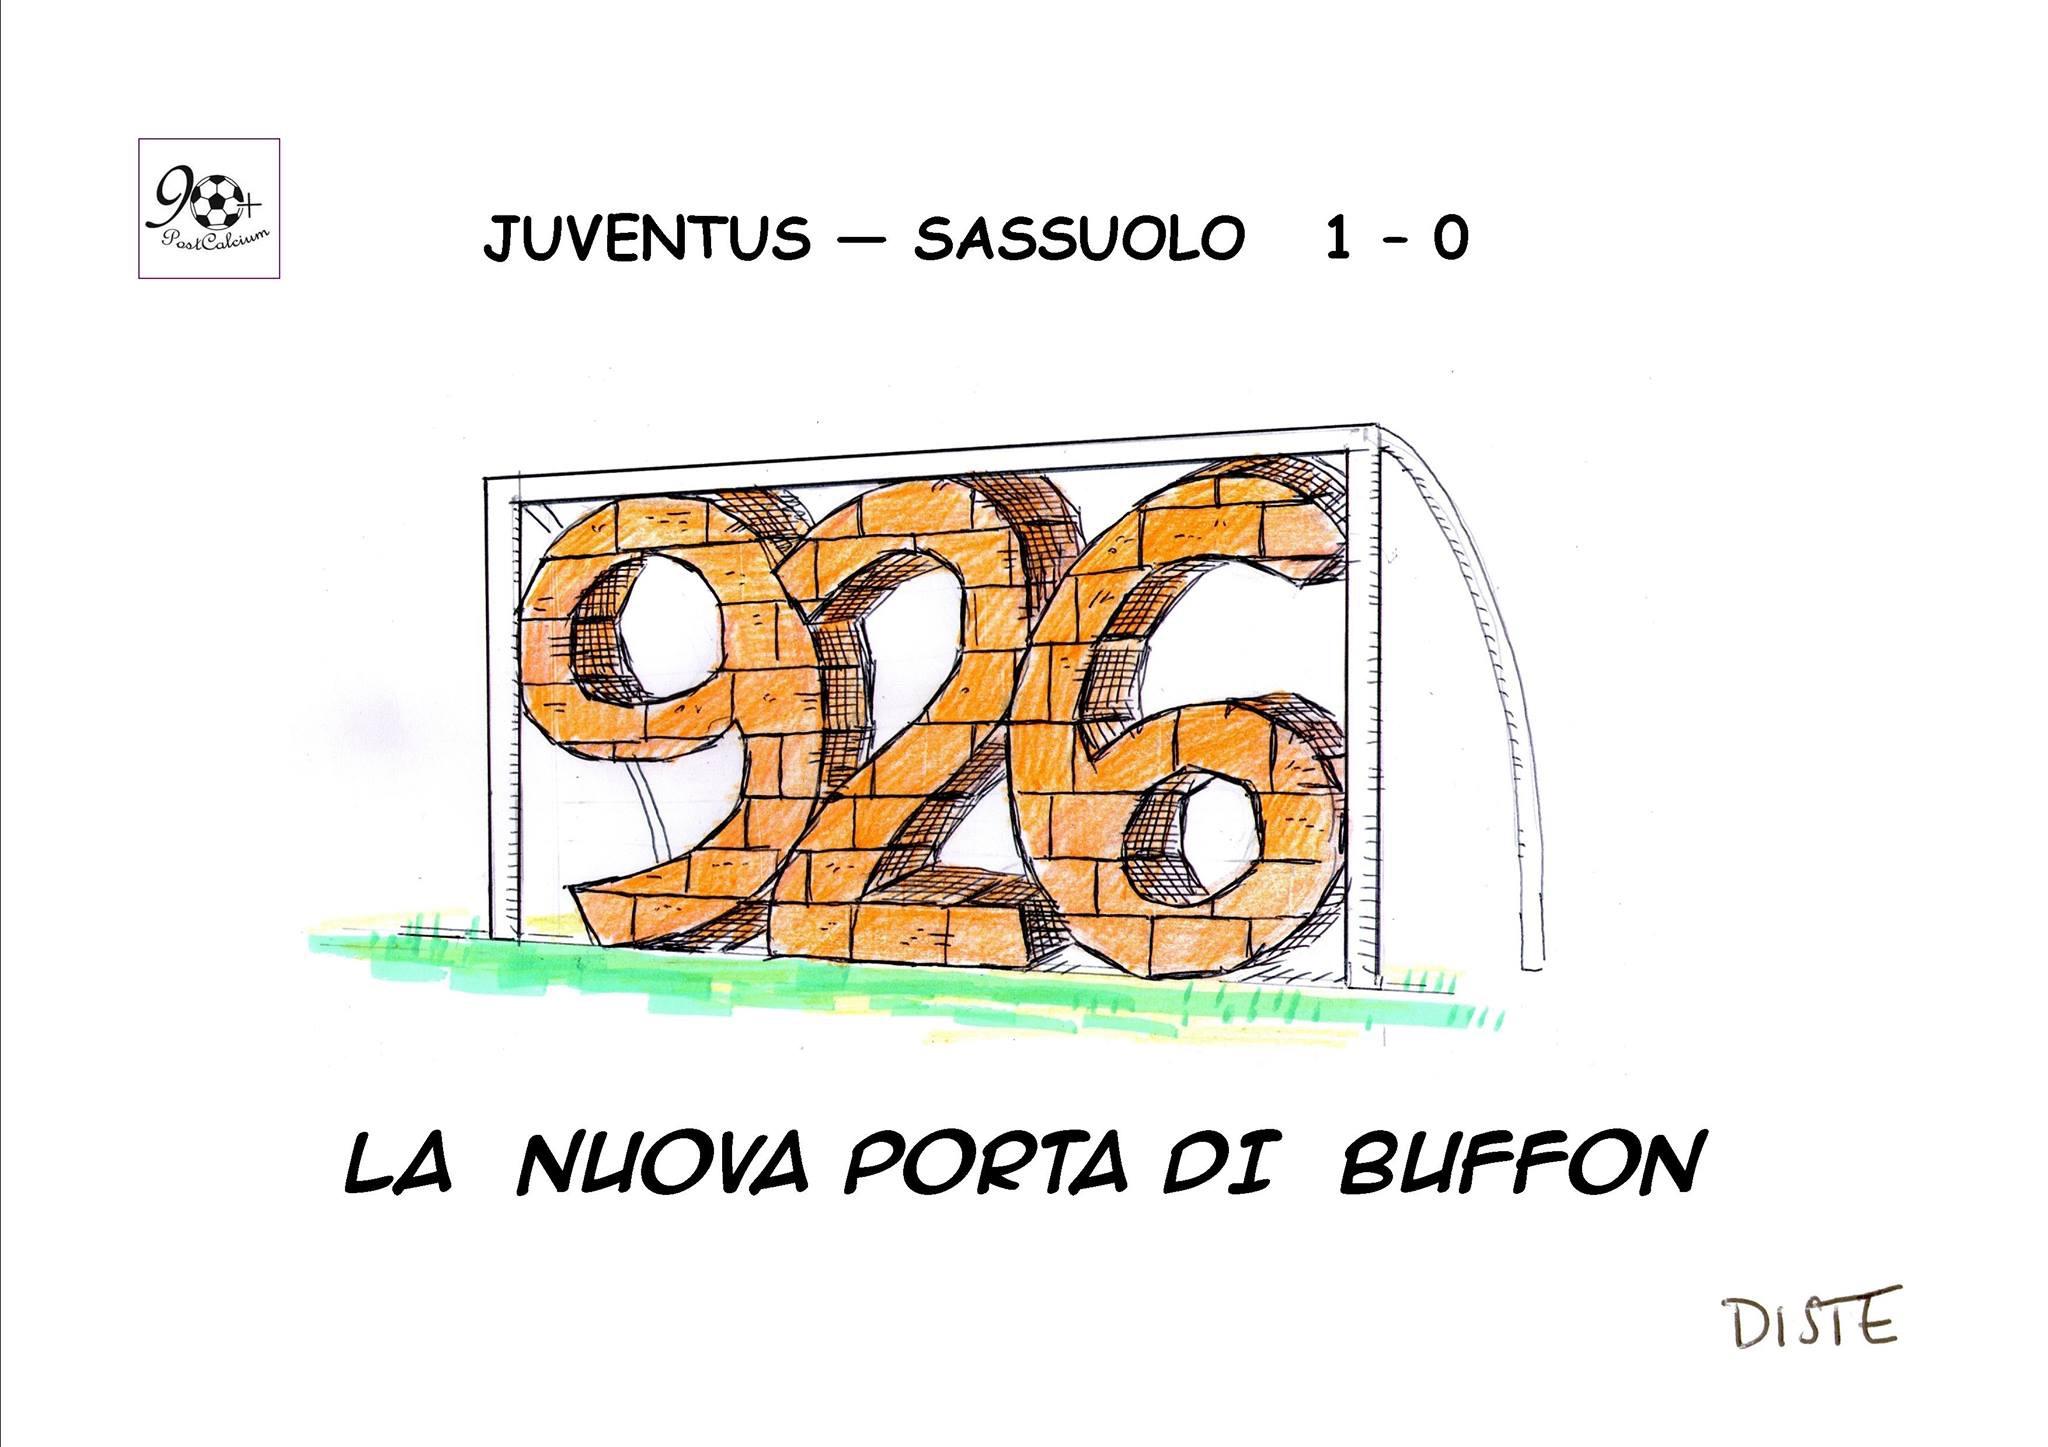 La nuova porta di Buffon